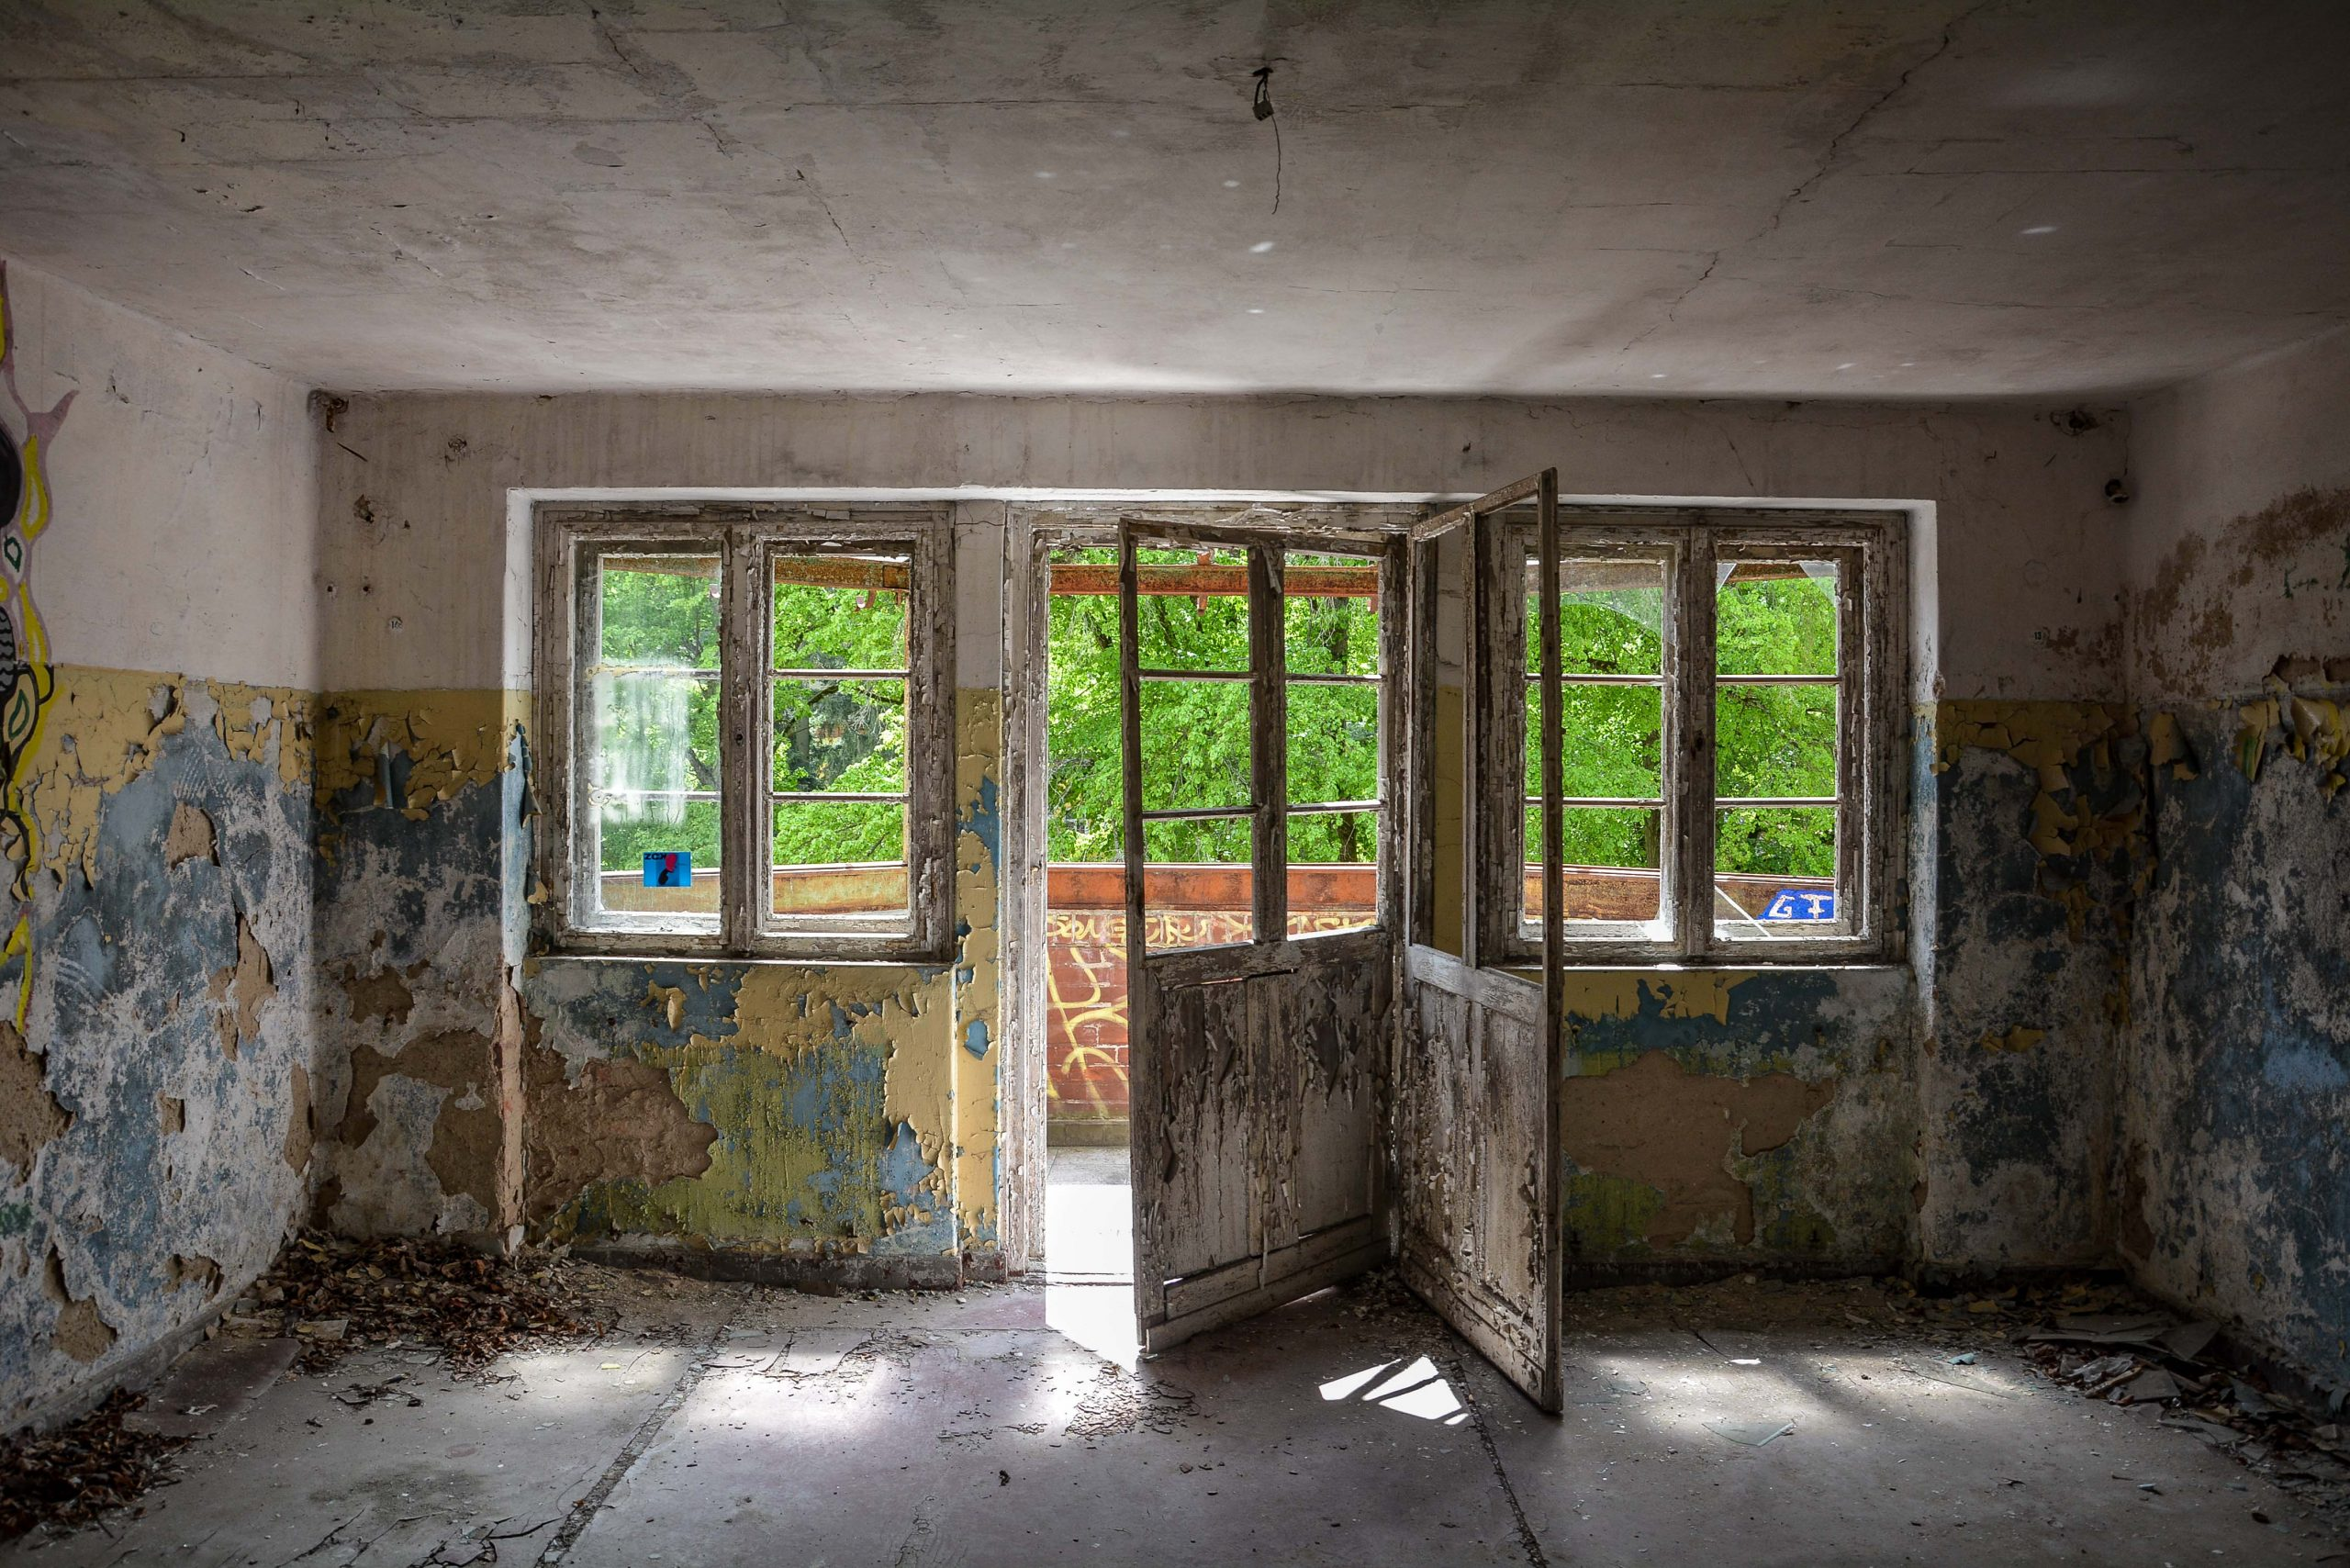 balcony doors tuberkulose heilstaette grabowsee sanatorium hospital oranienburg lost places abandoned urbex brandenburg germany deutschland